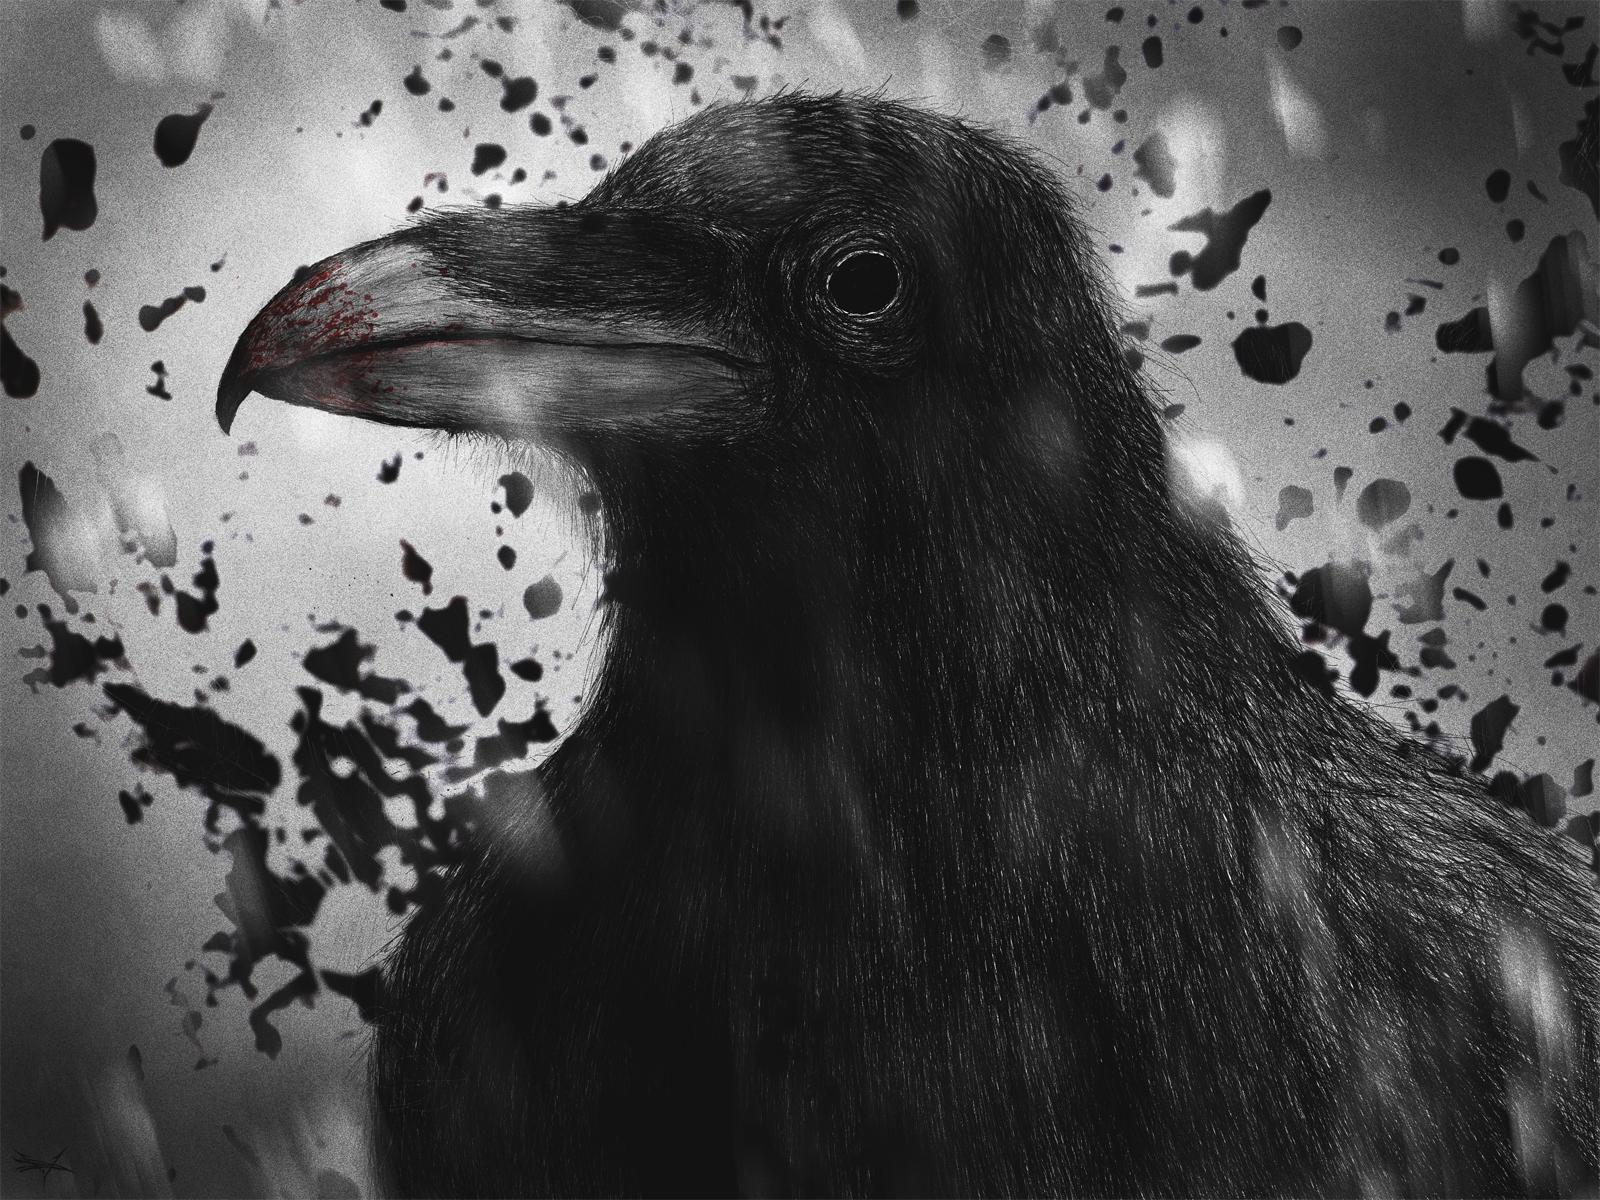 Вороны рисунок